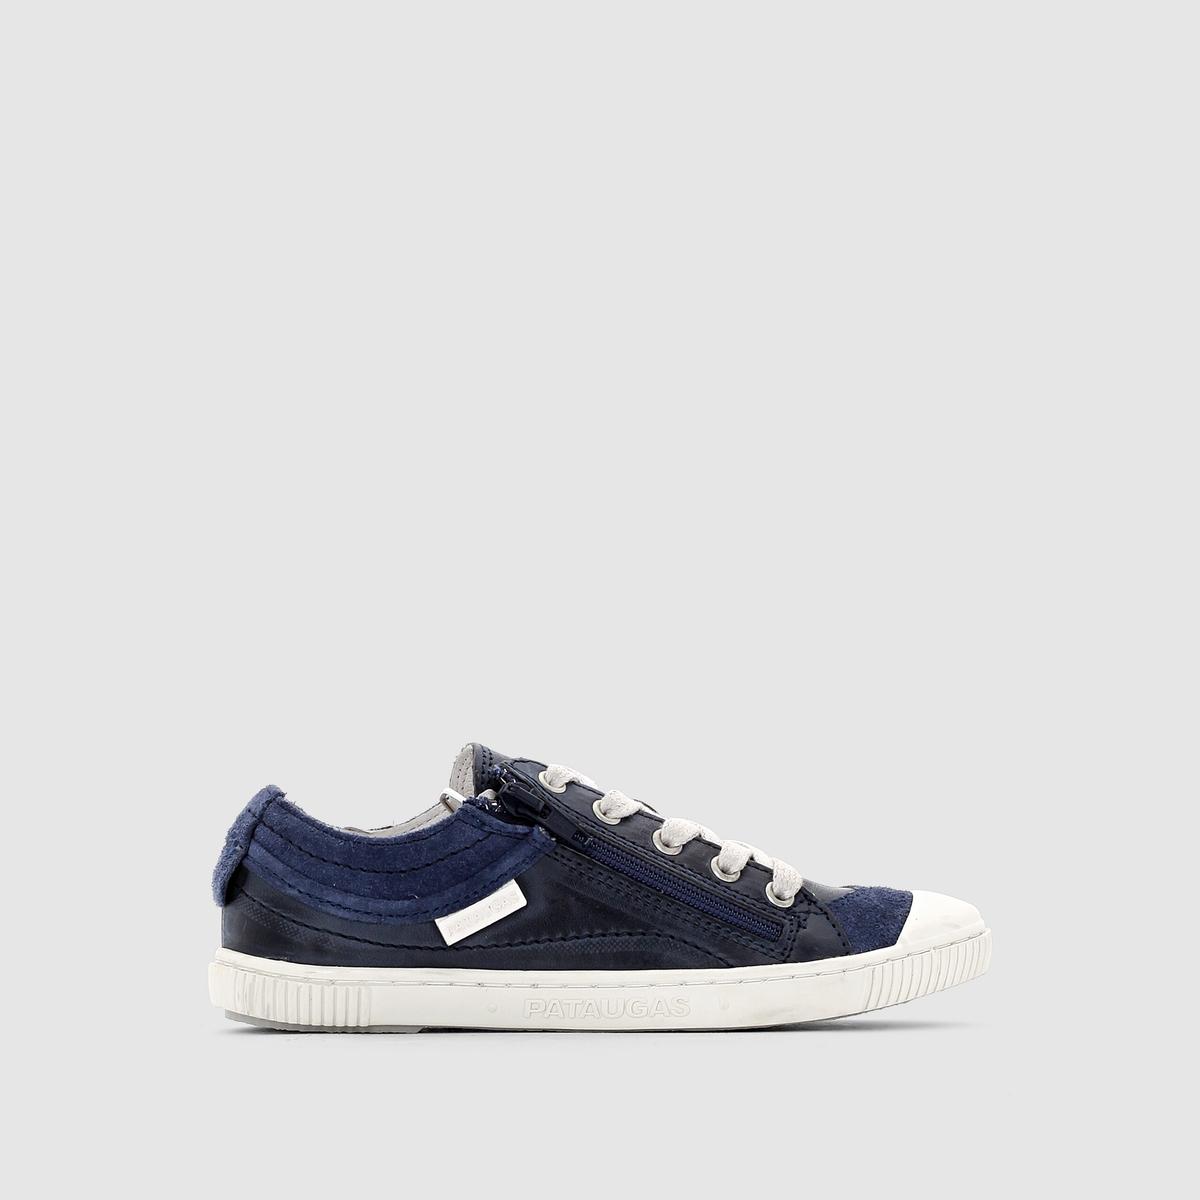 Кеды низкие BISK - PATAUGASЗастежка: на шнуровке.Преимущества: одновременно простое и модное сочетание кожи и текстиля - кеды от Pataugas можно узнать с первого взгляда!<br><br>Цвет: синий,хаки<br>Размер: 31.31